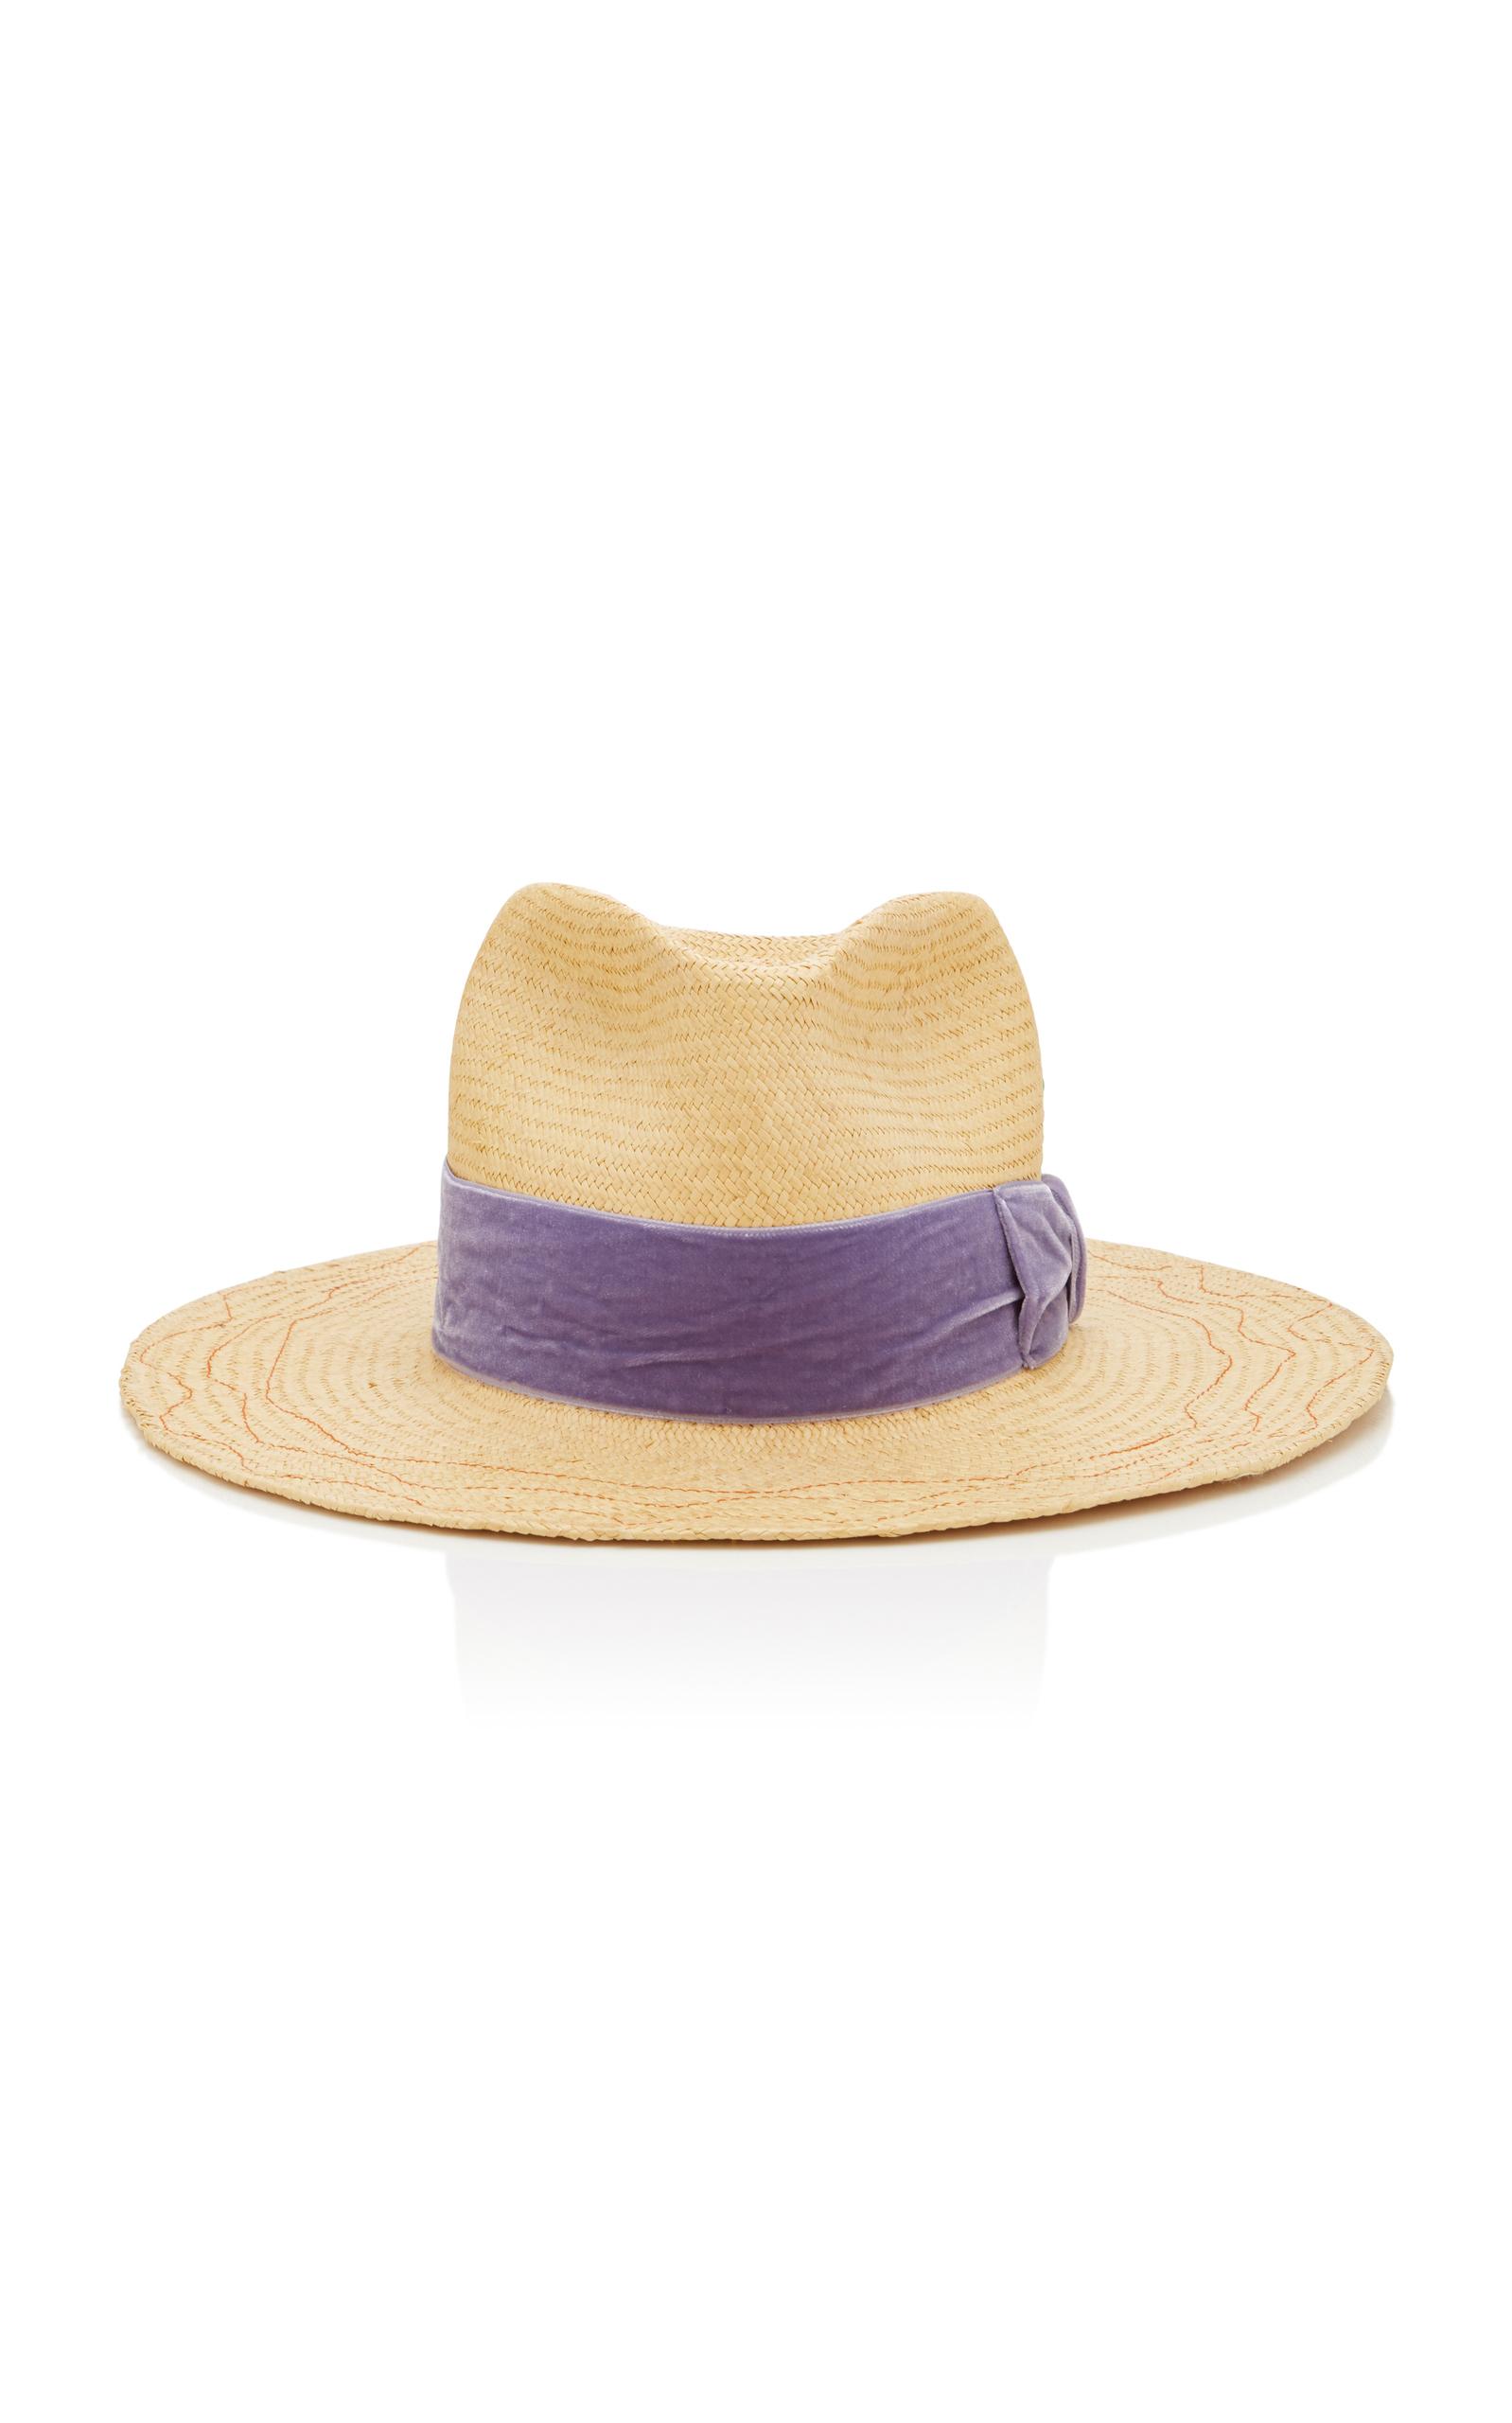 ARIZONA BAHIA STRAW HAT